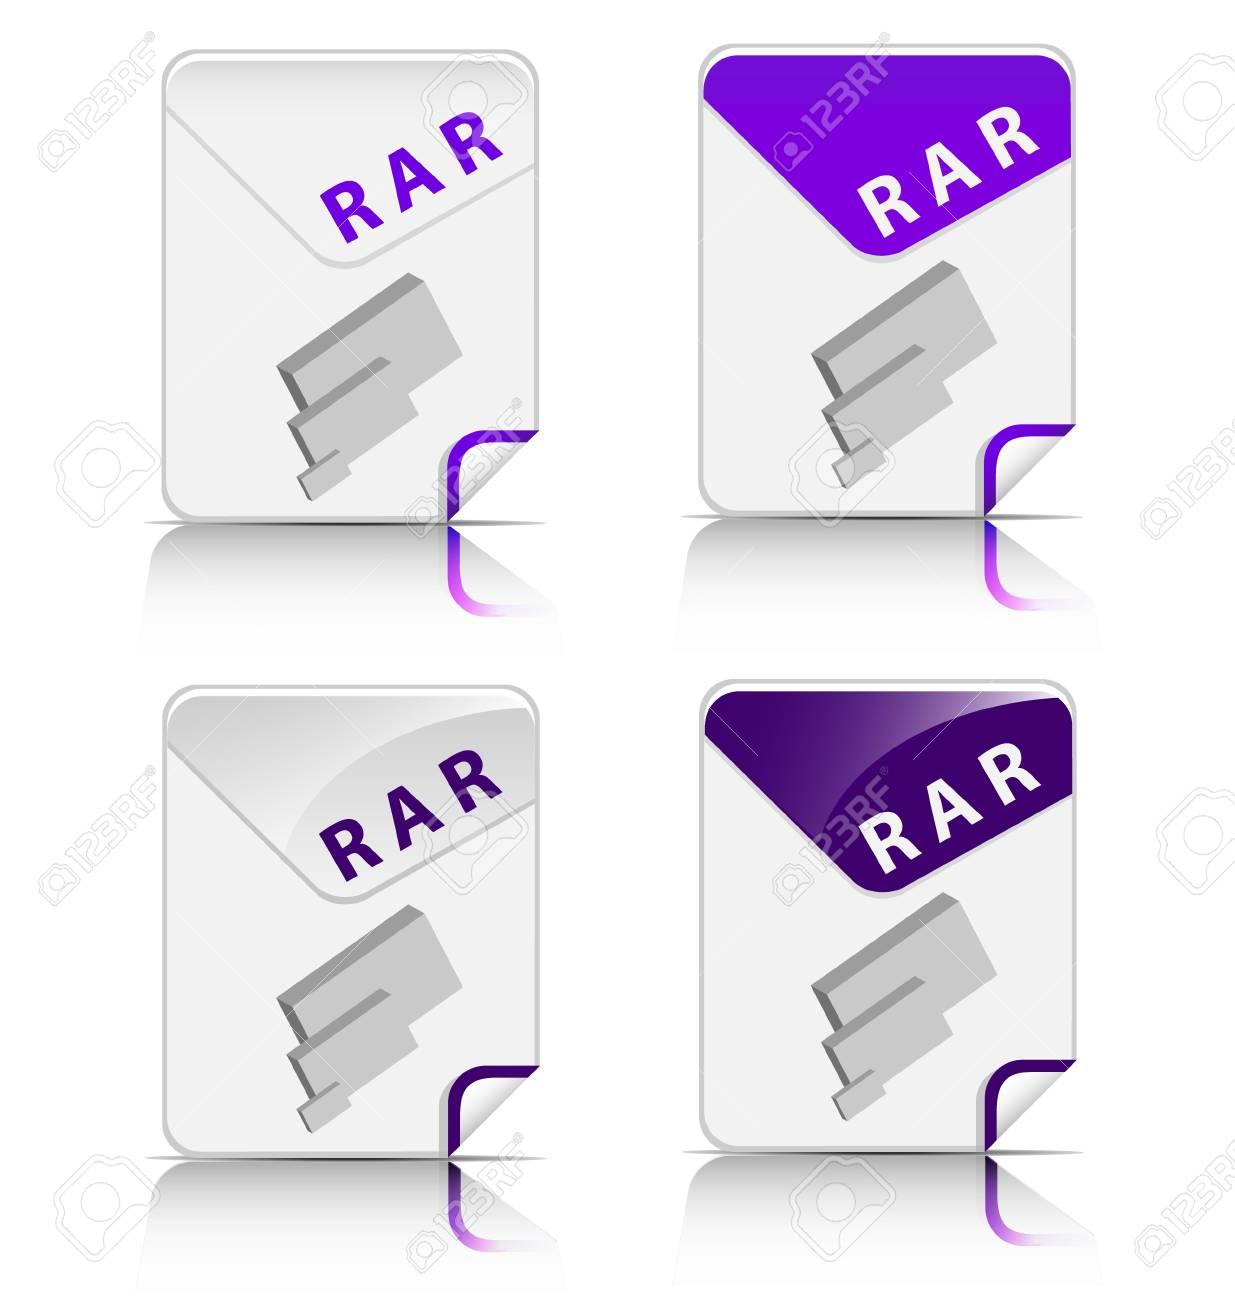 Creative and modern design RAR file type icon Stock Vector - 18311061